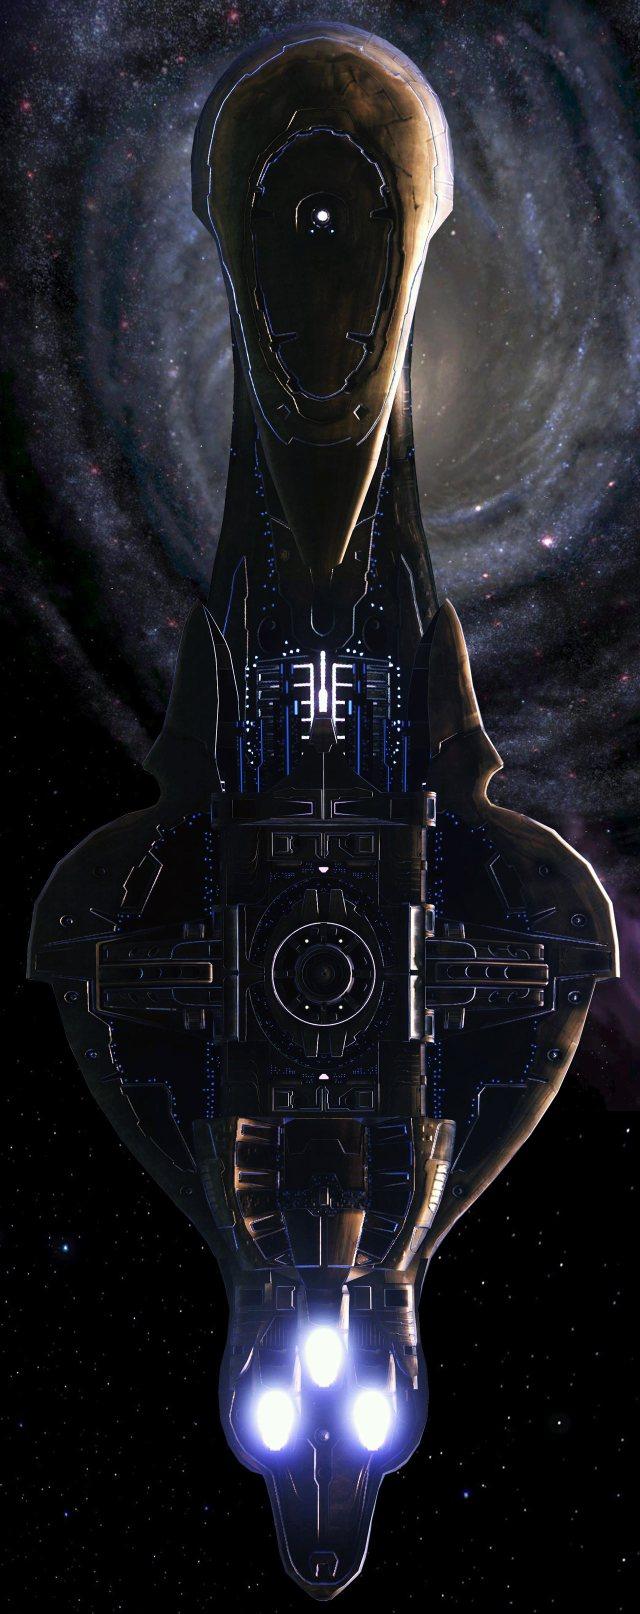 HRS_Assault_Carrier_Bottom.jpg (503 KB)